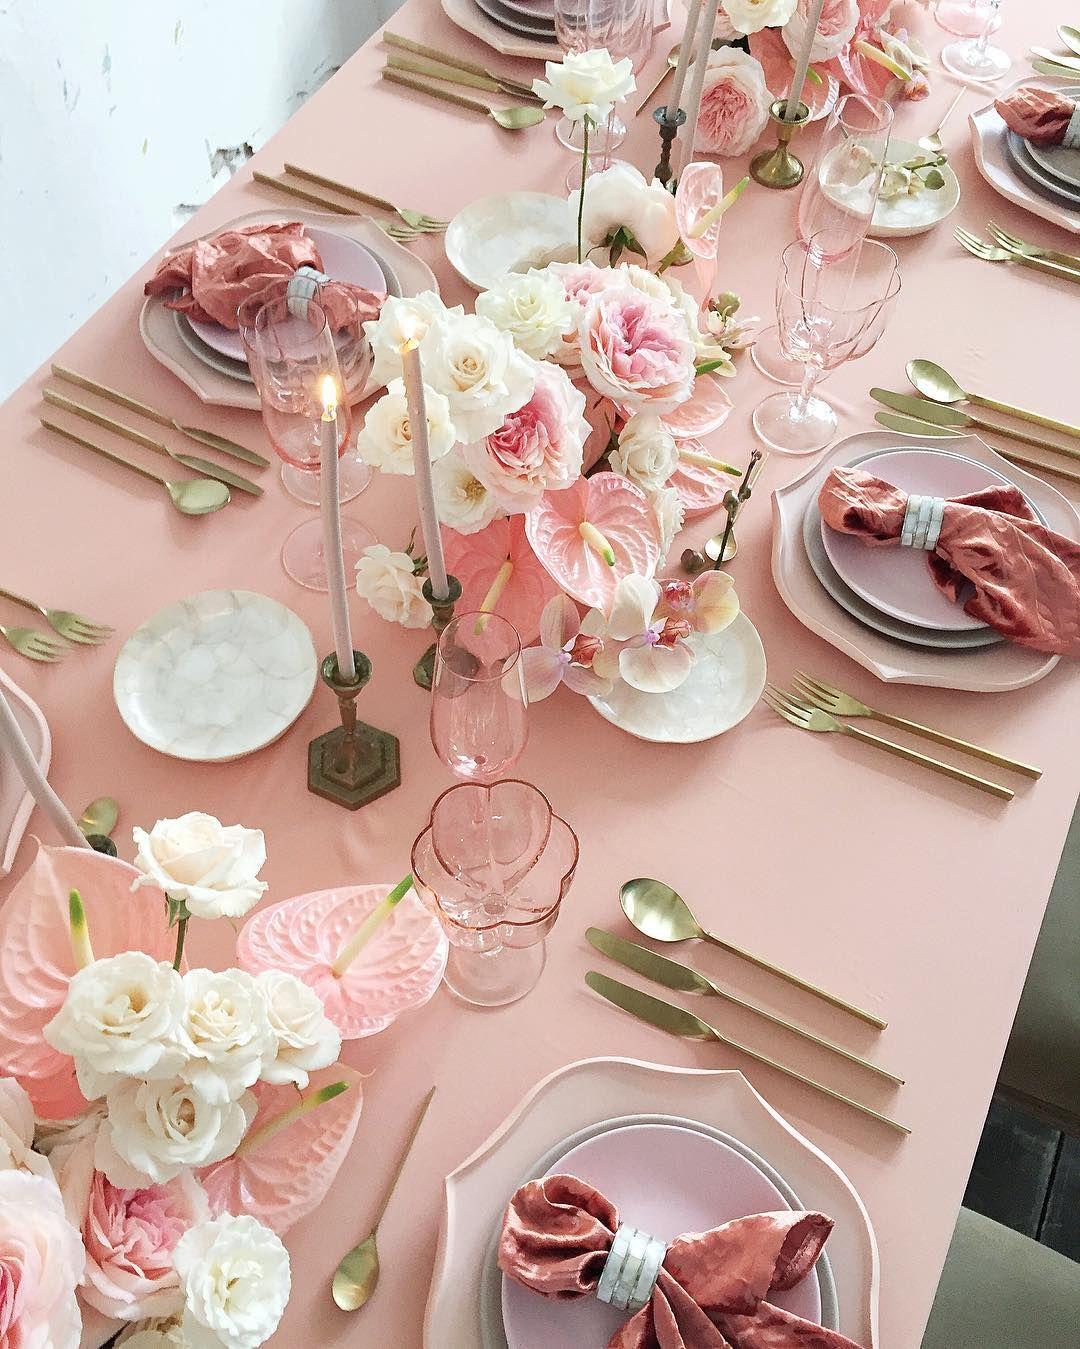 Цветов где заказать цветы онлайн москва оптом доставка митино